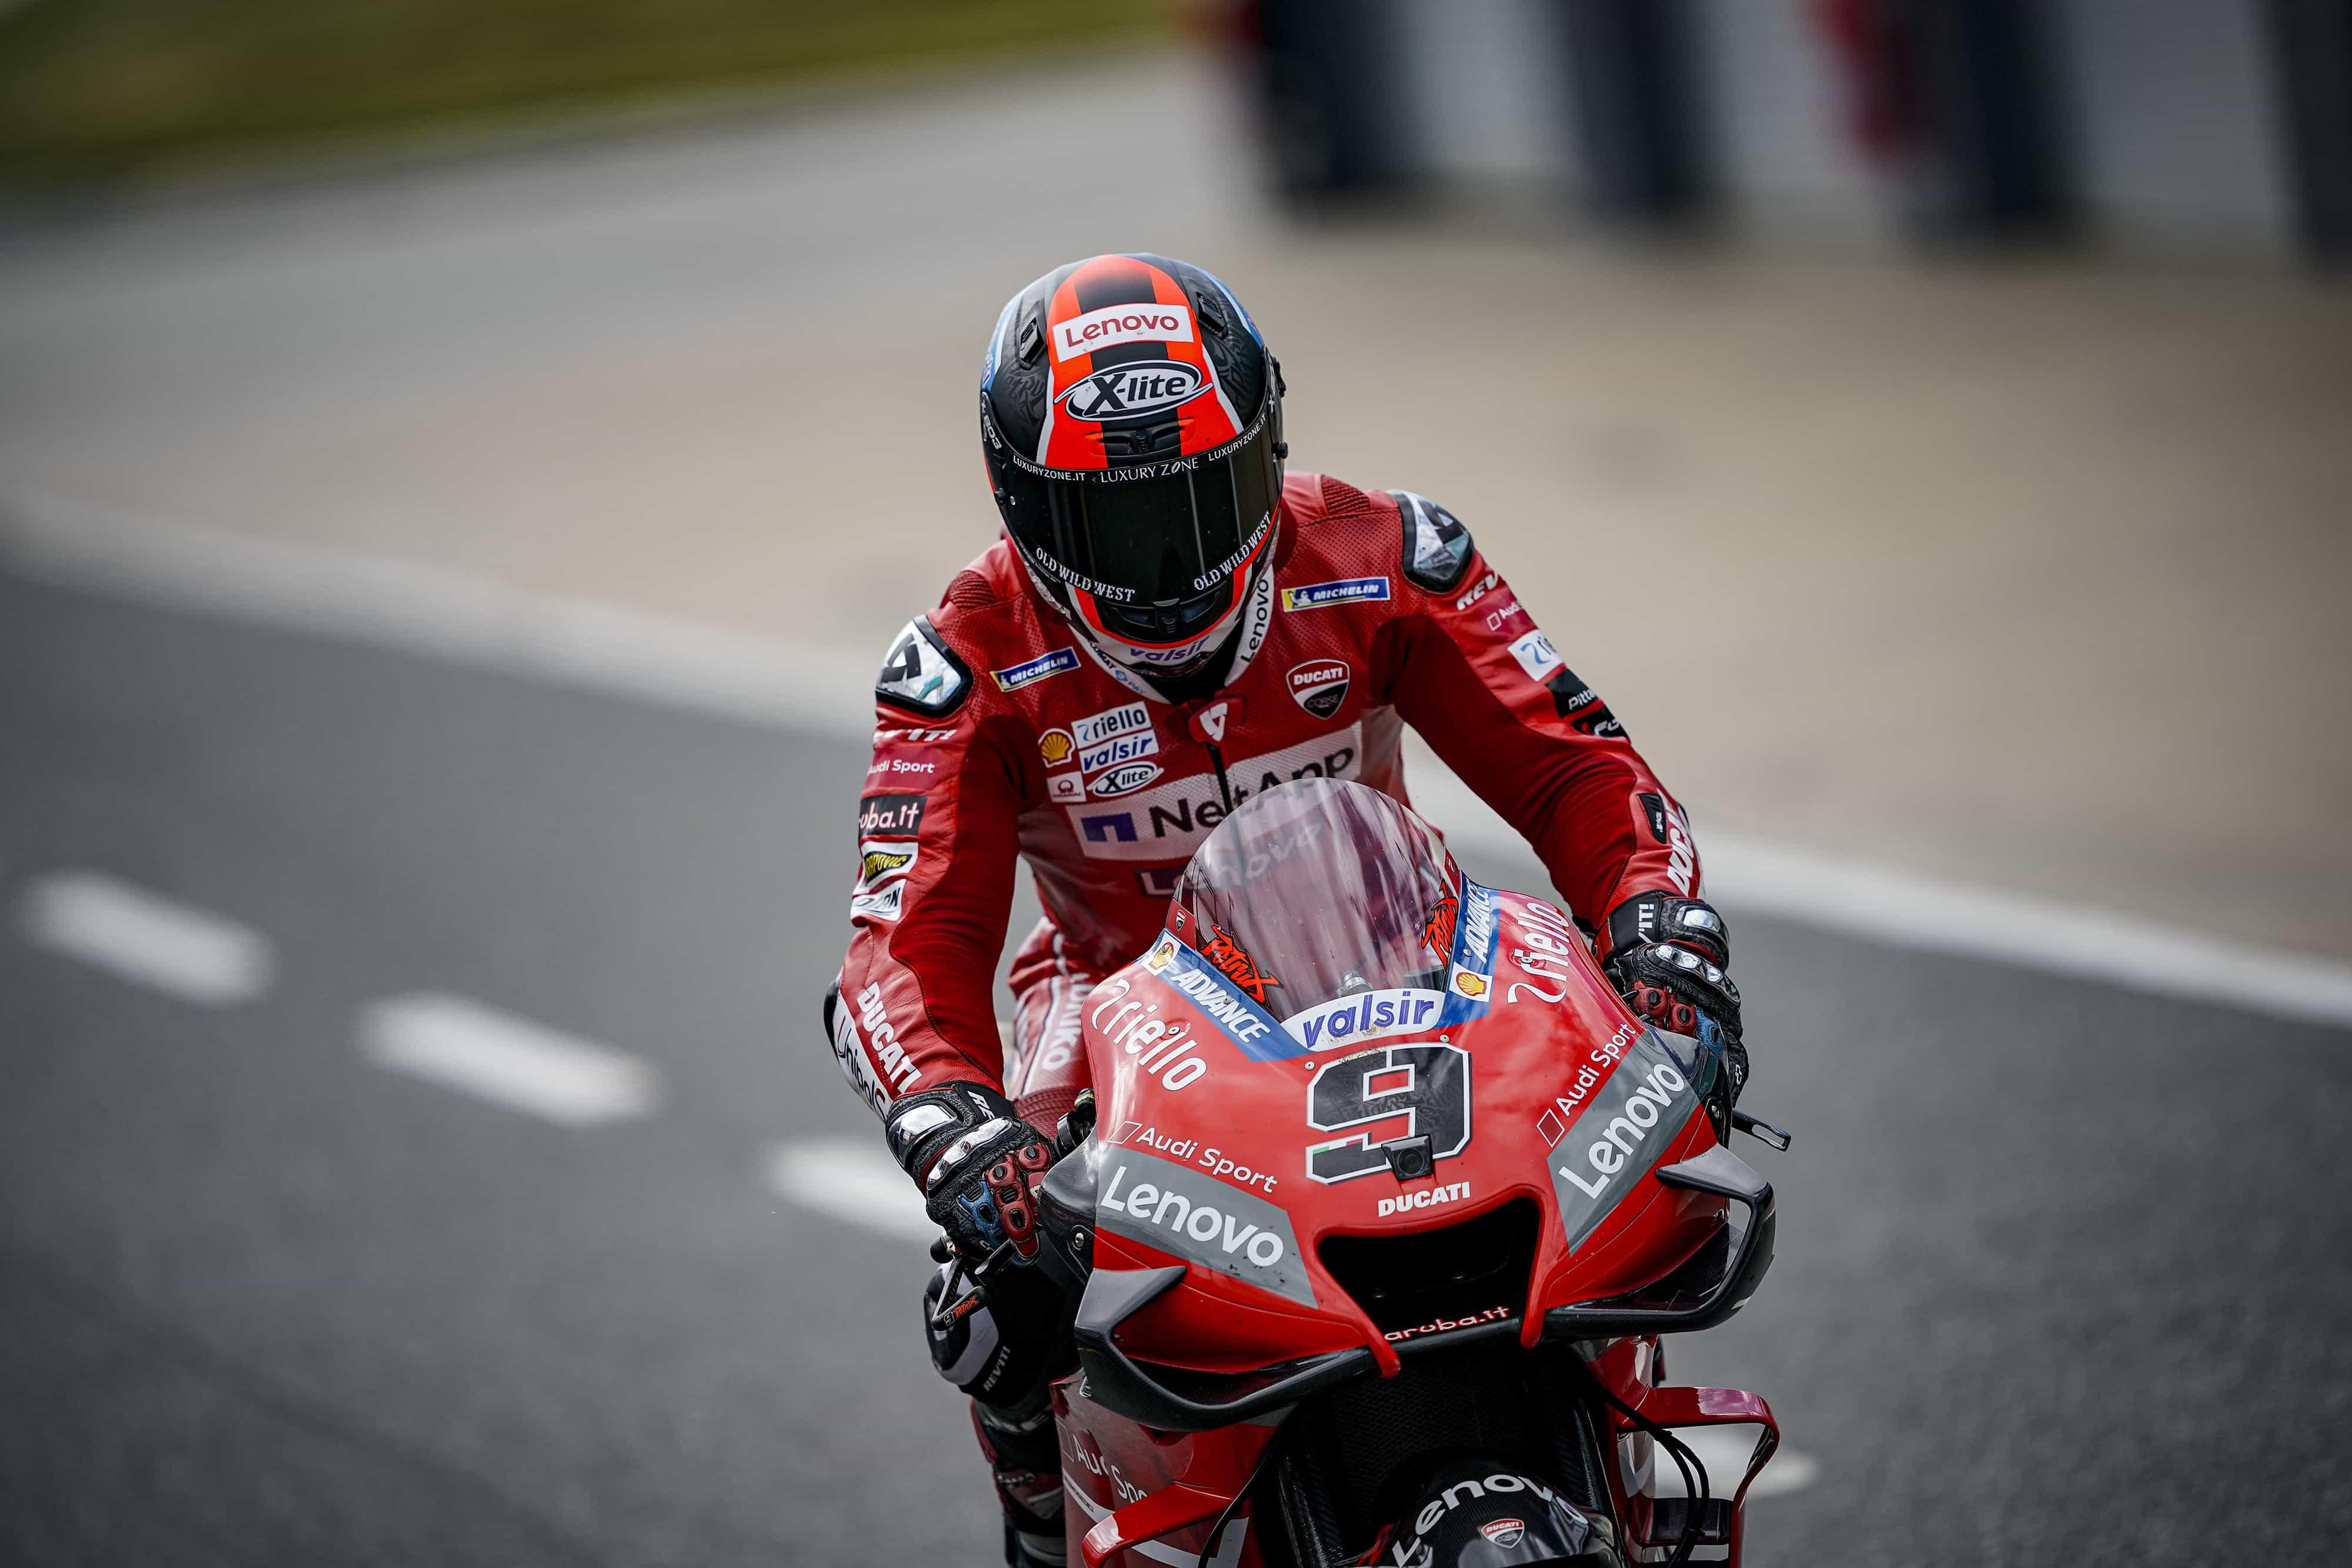 MotoGP2019マレーシアGP ペトルッチ「問題なくレース出来ることを願っている」